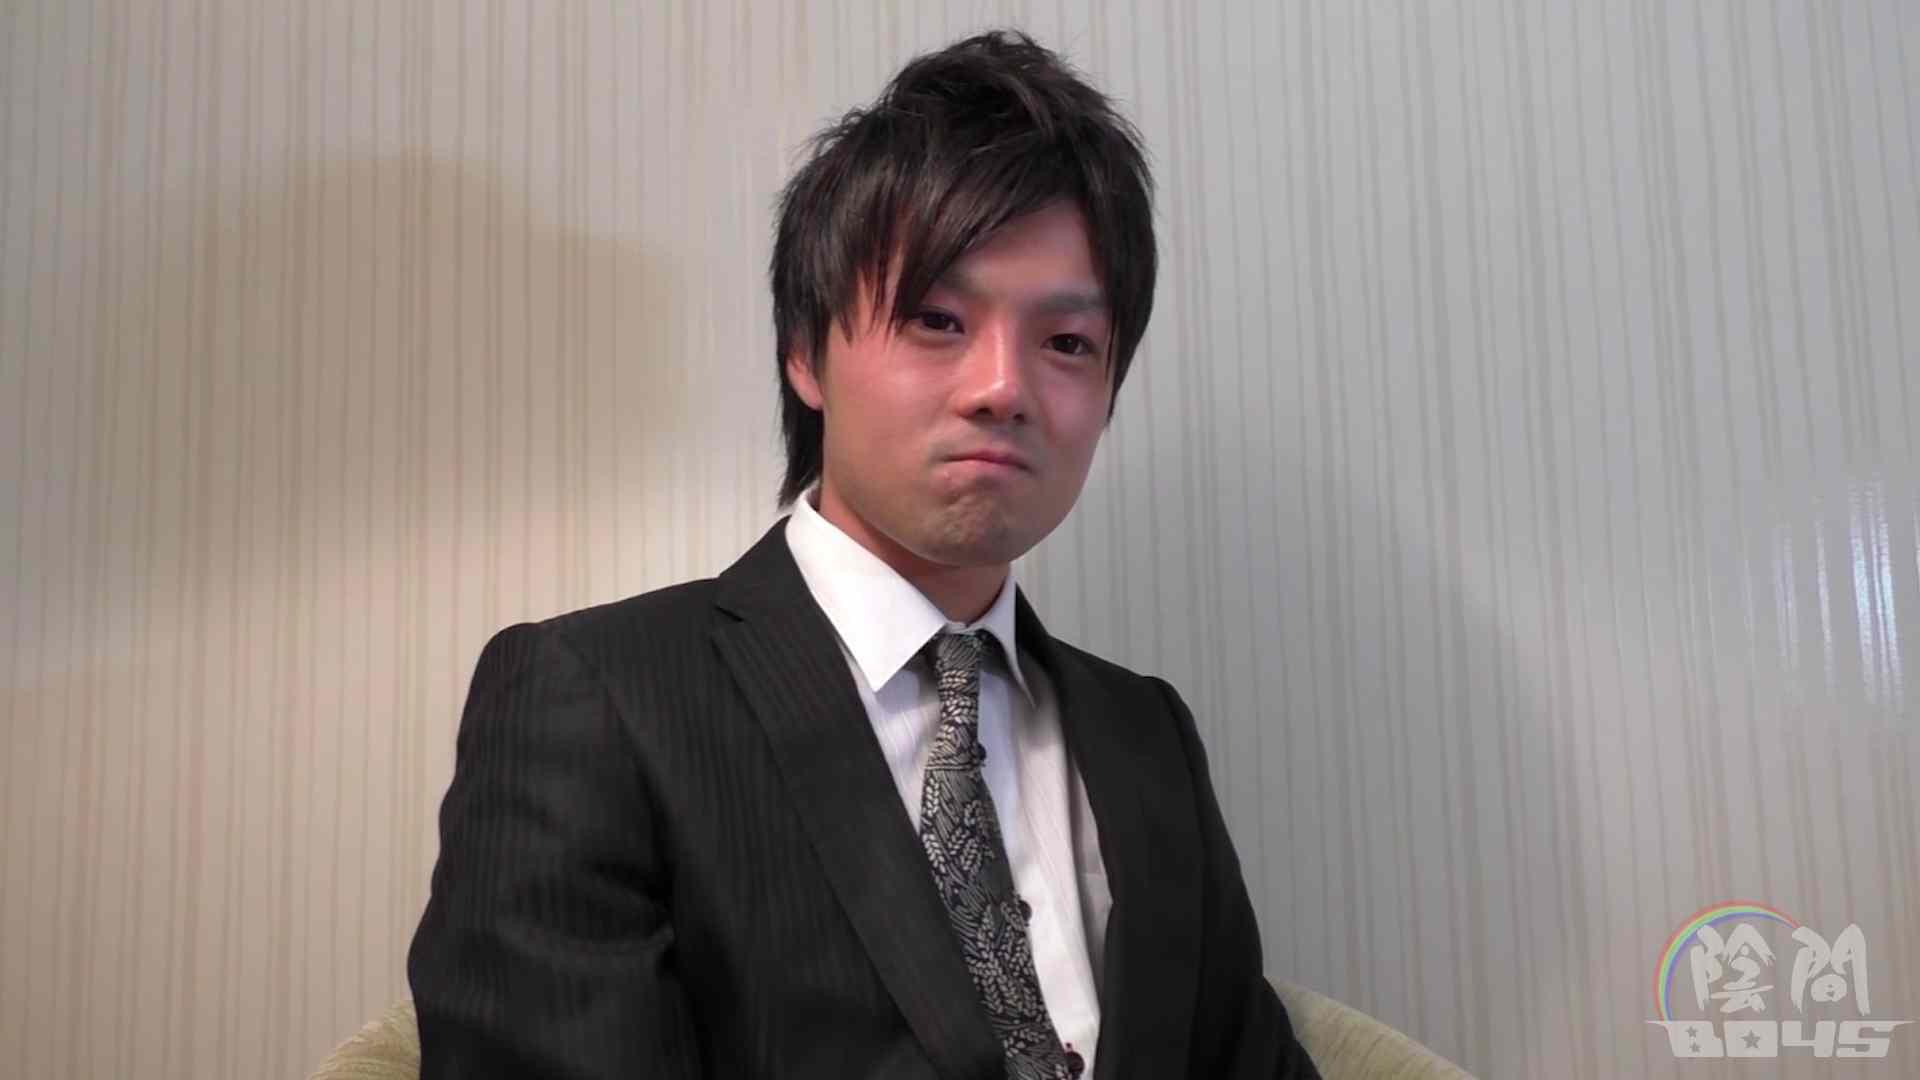 """キャバクラの仕事は""""アナル""""から1 Vol.03 HTDV ゲイエロビデオ画像 76pic 38"""